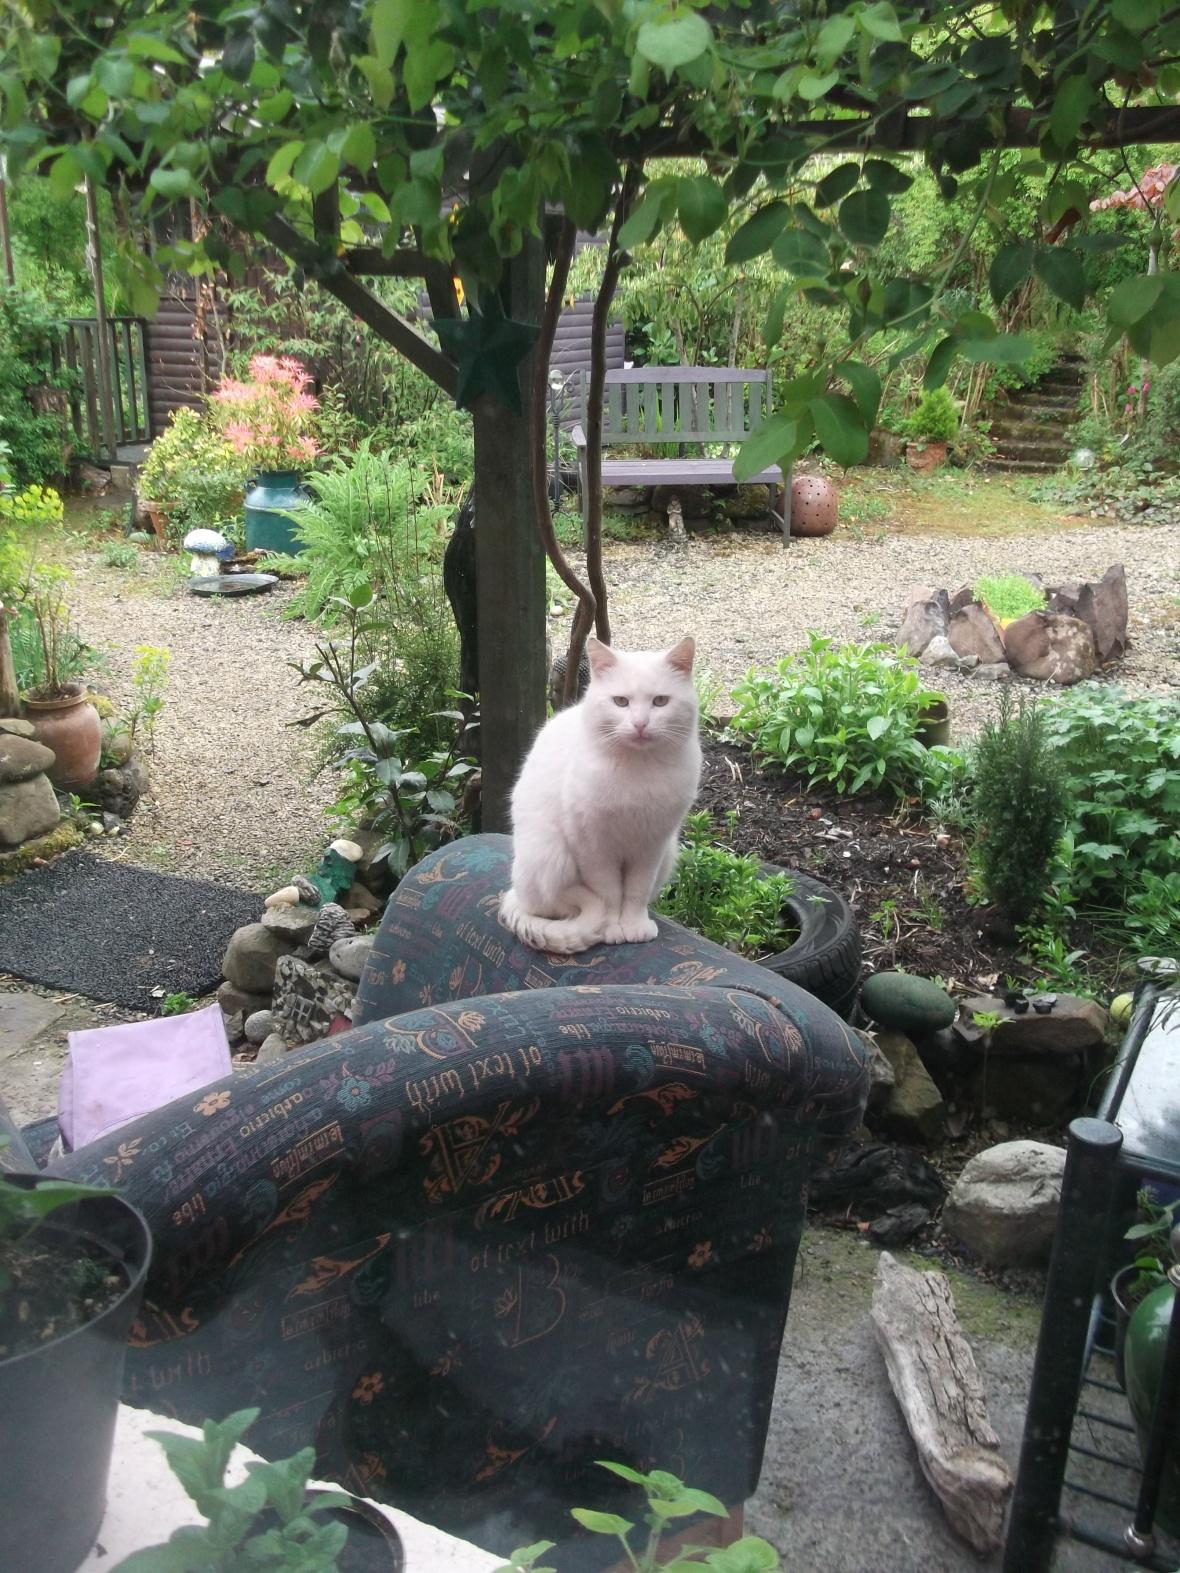 Sammy-Bear takes a seat...